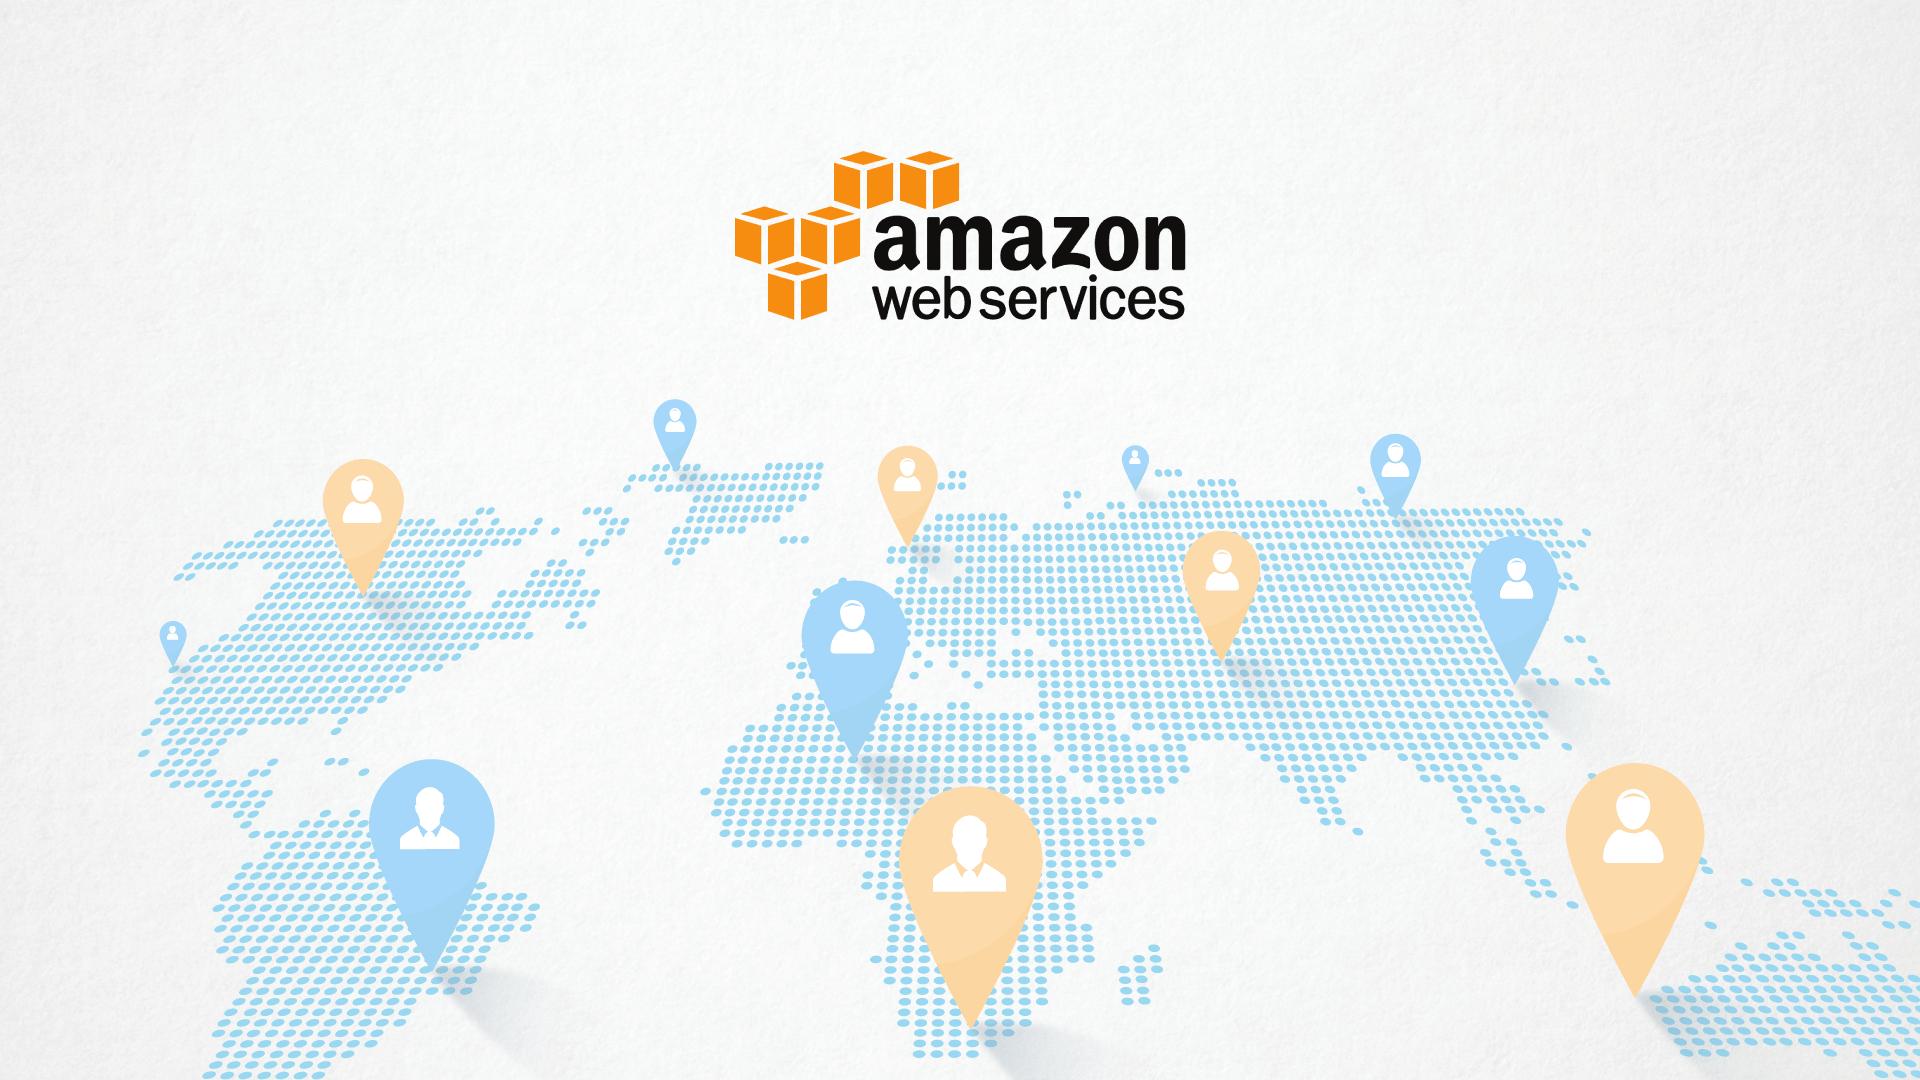 Amazon customers database